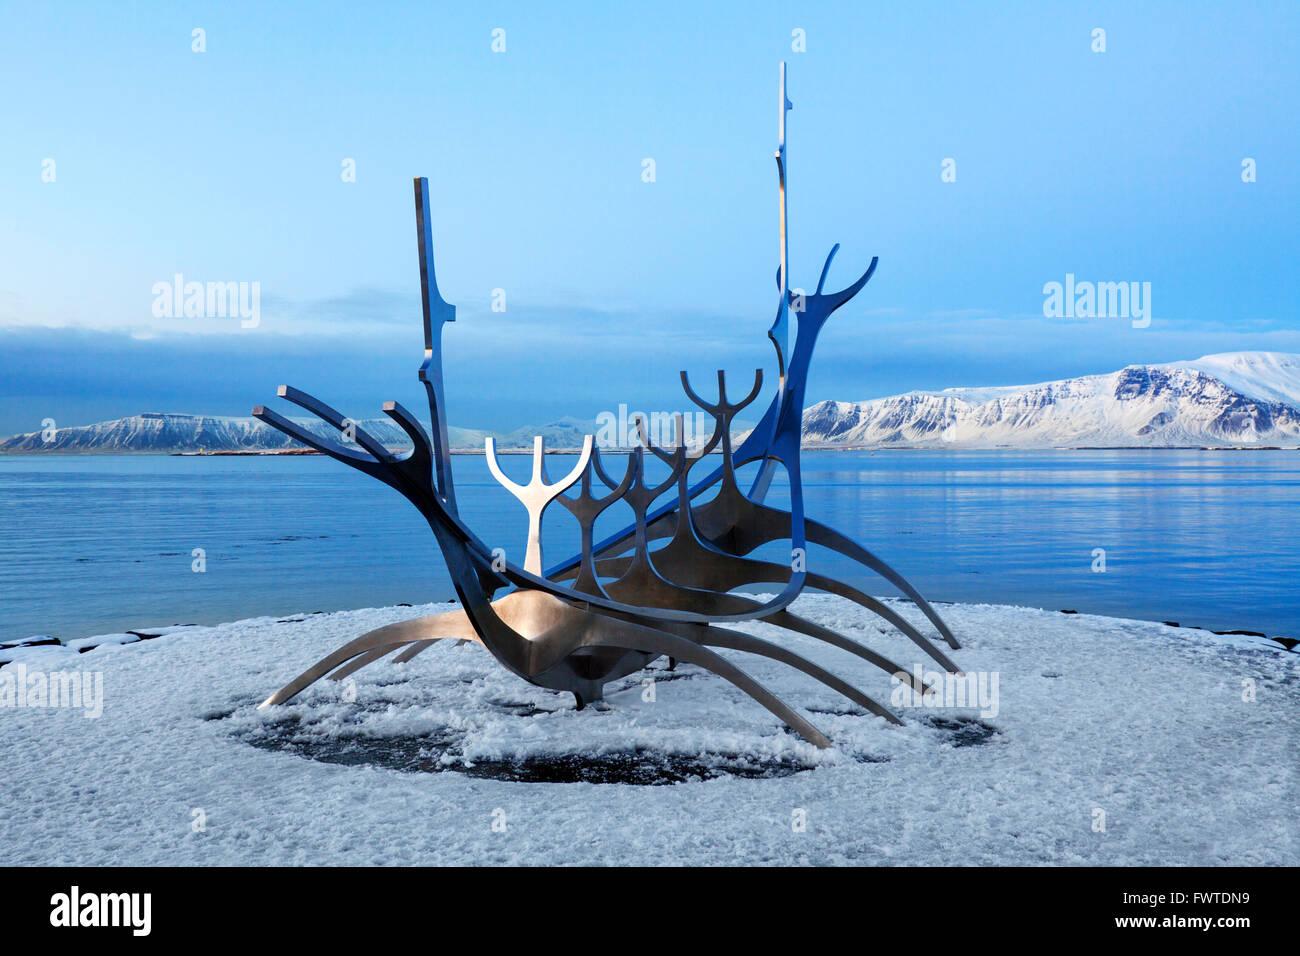 L'Solfar / Sun-craft / Sun voyager sculpture par Jón Gunnar Árnason à Saebraut en hiver, Reykjavik, Photo Stock